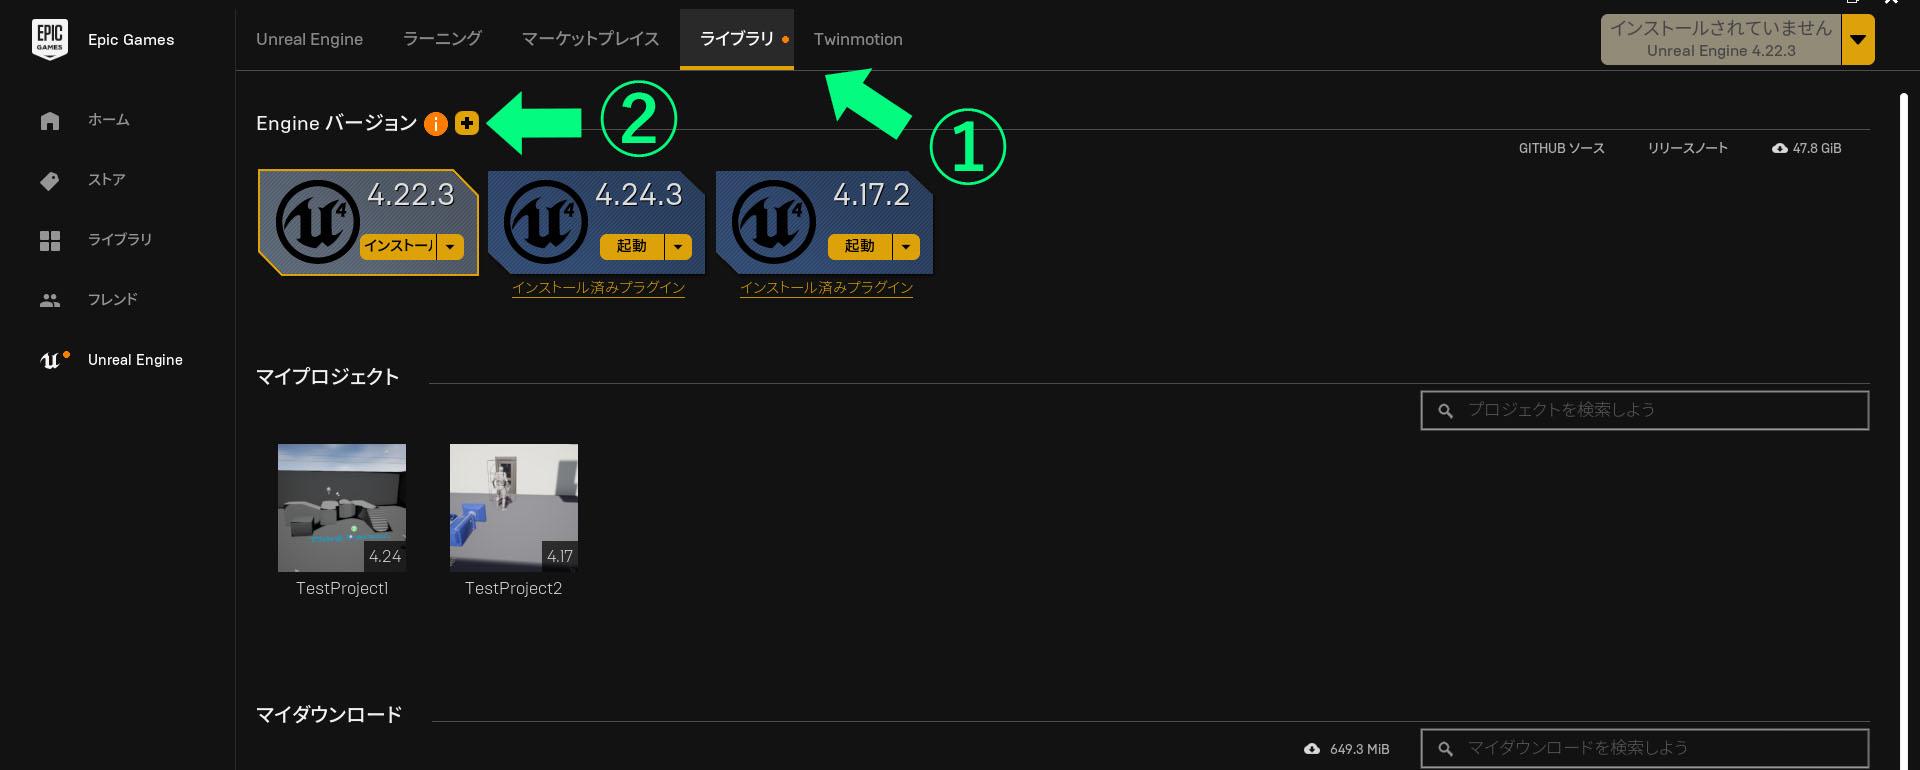 unreal engine 4 ライブラリ